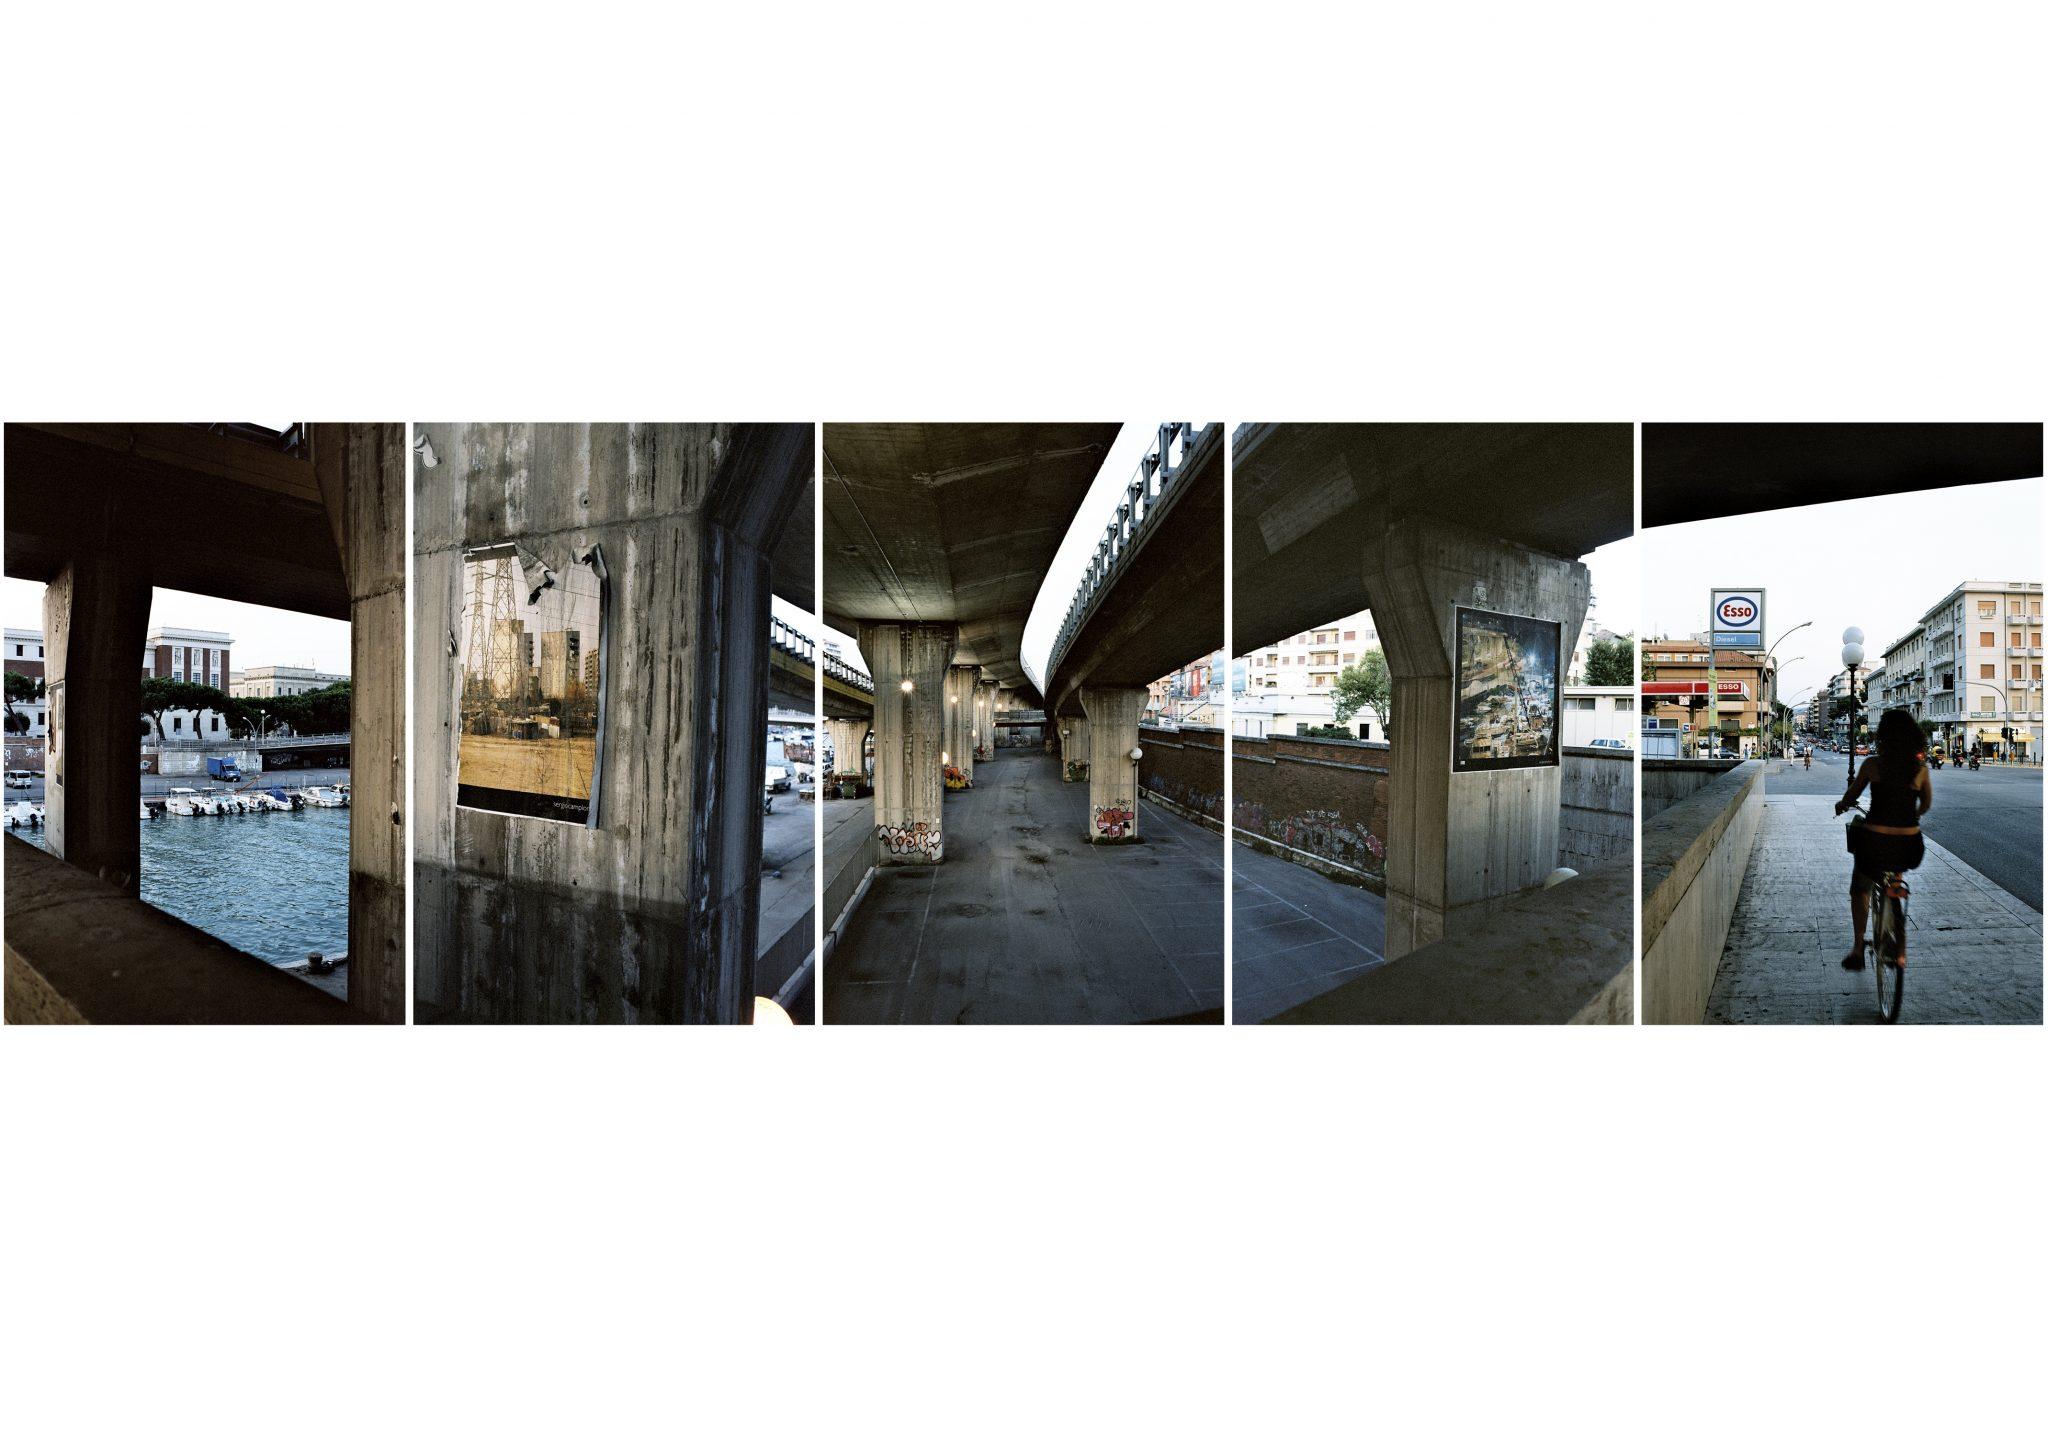 Asse Attrezzato-Pescara. Ausstellung ETH ZH/2013. vfg Photobastei/2014